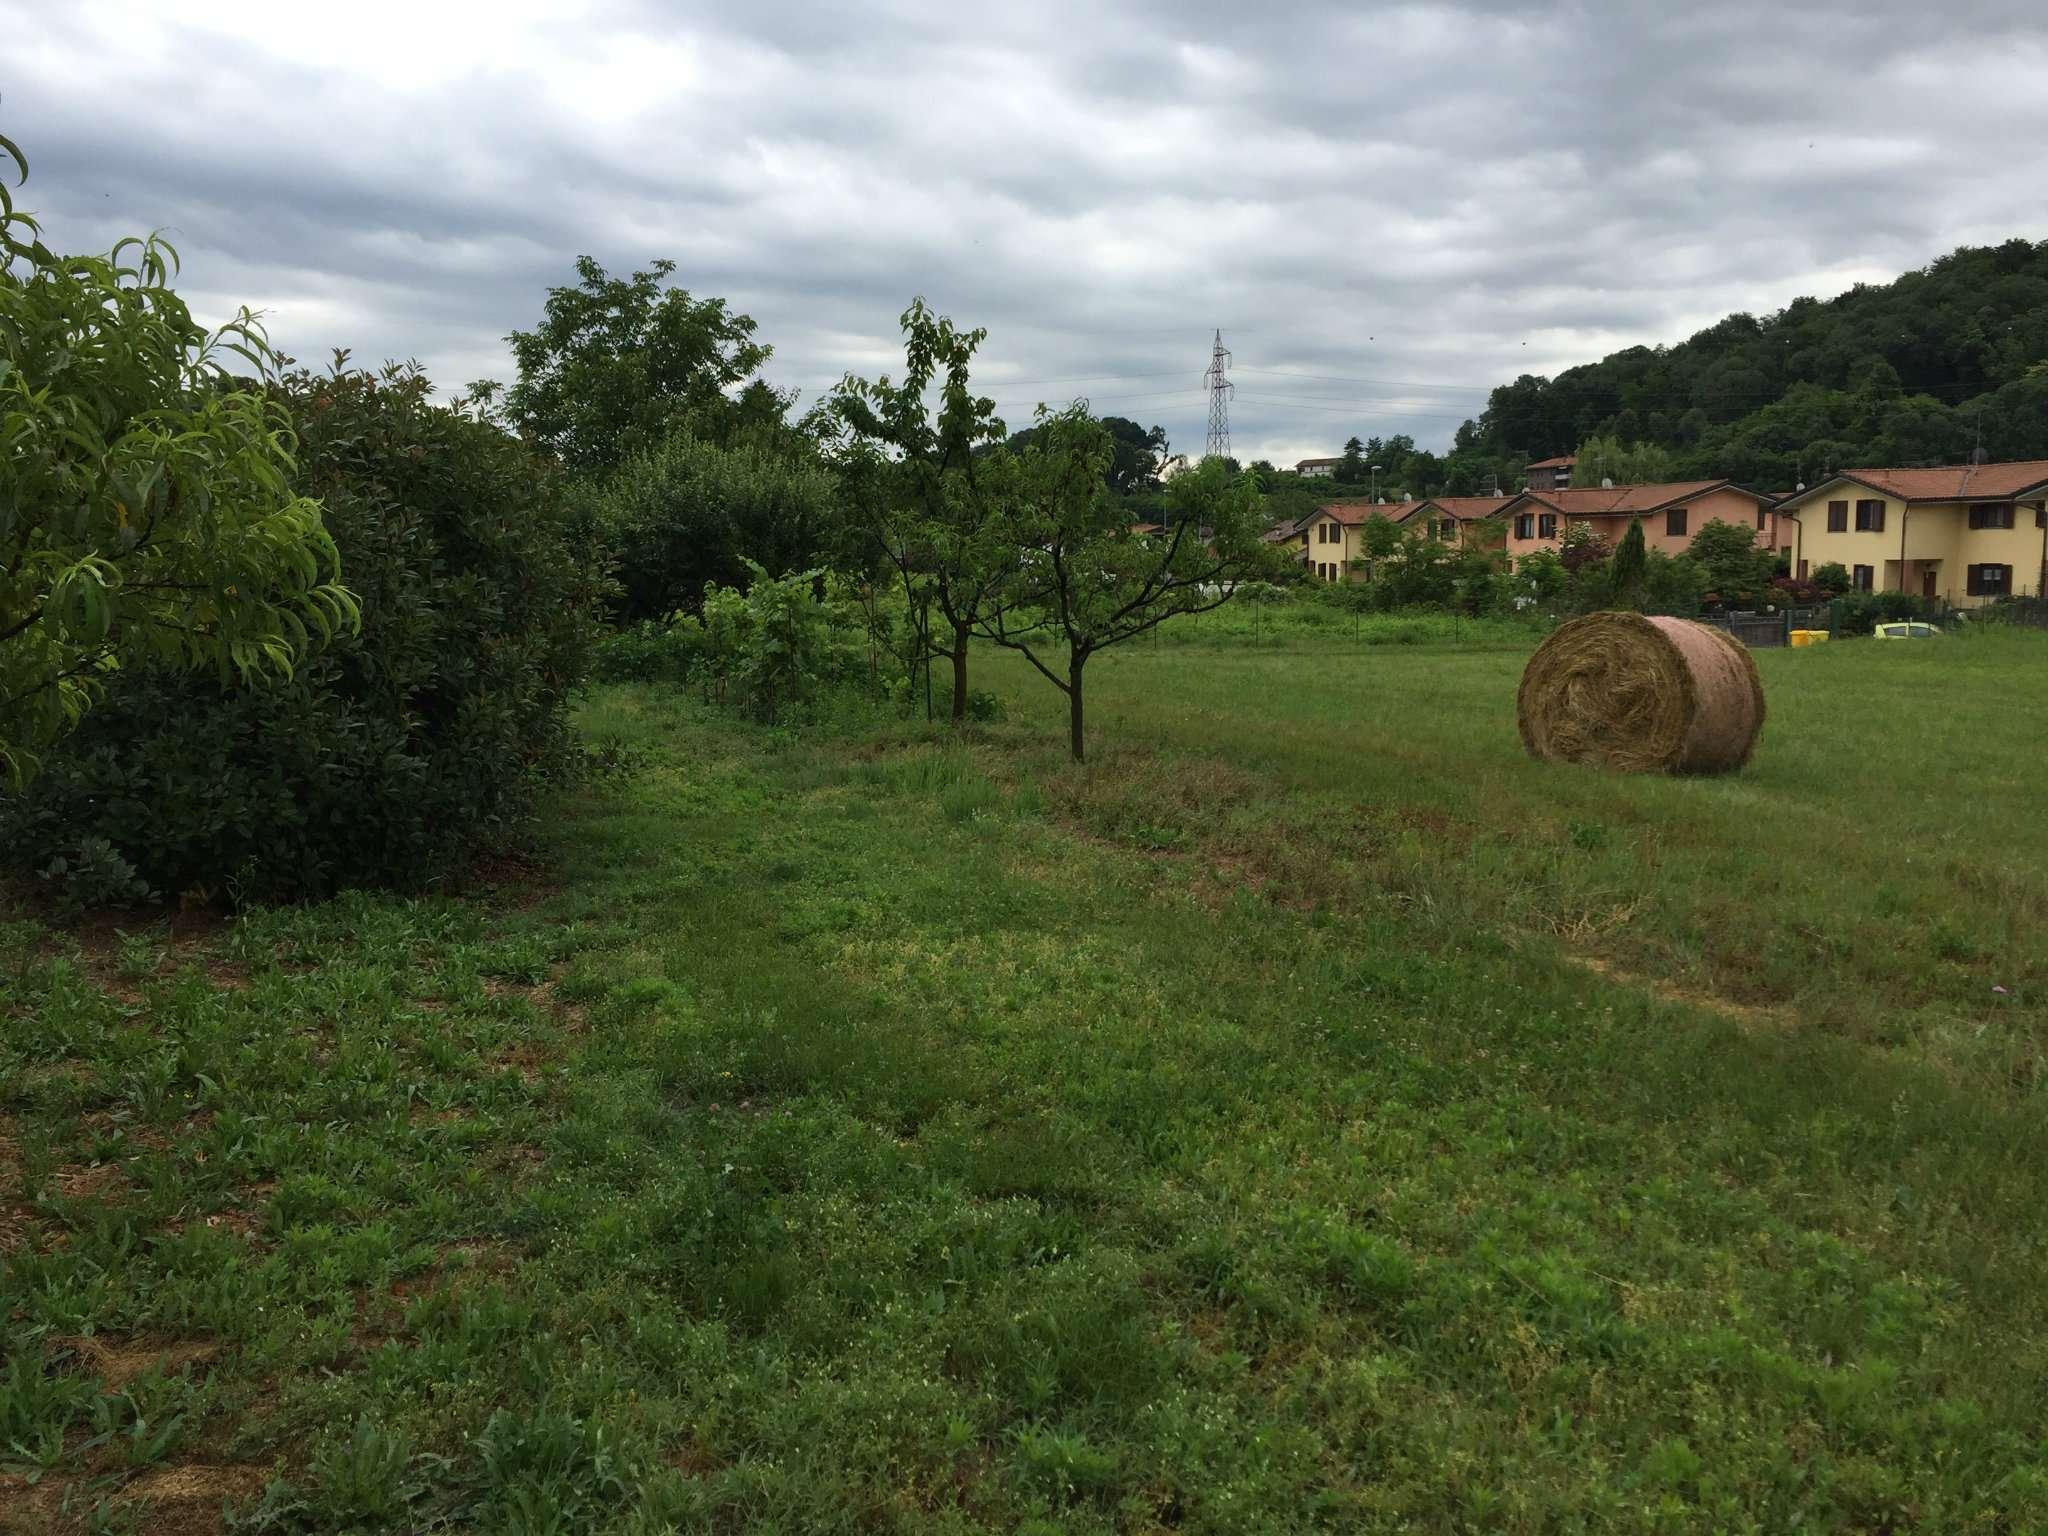 Terreno Agricolo in vendita a Travedona-Monate, 9999 locali, prezzo € 68.000   CambioCasa.it